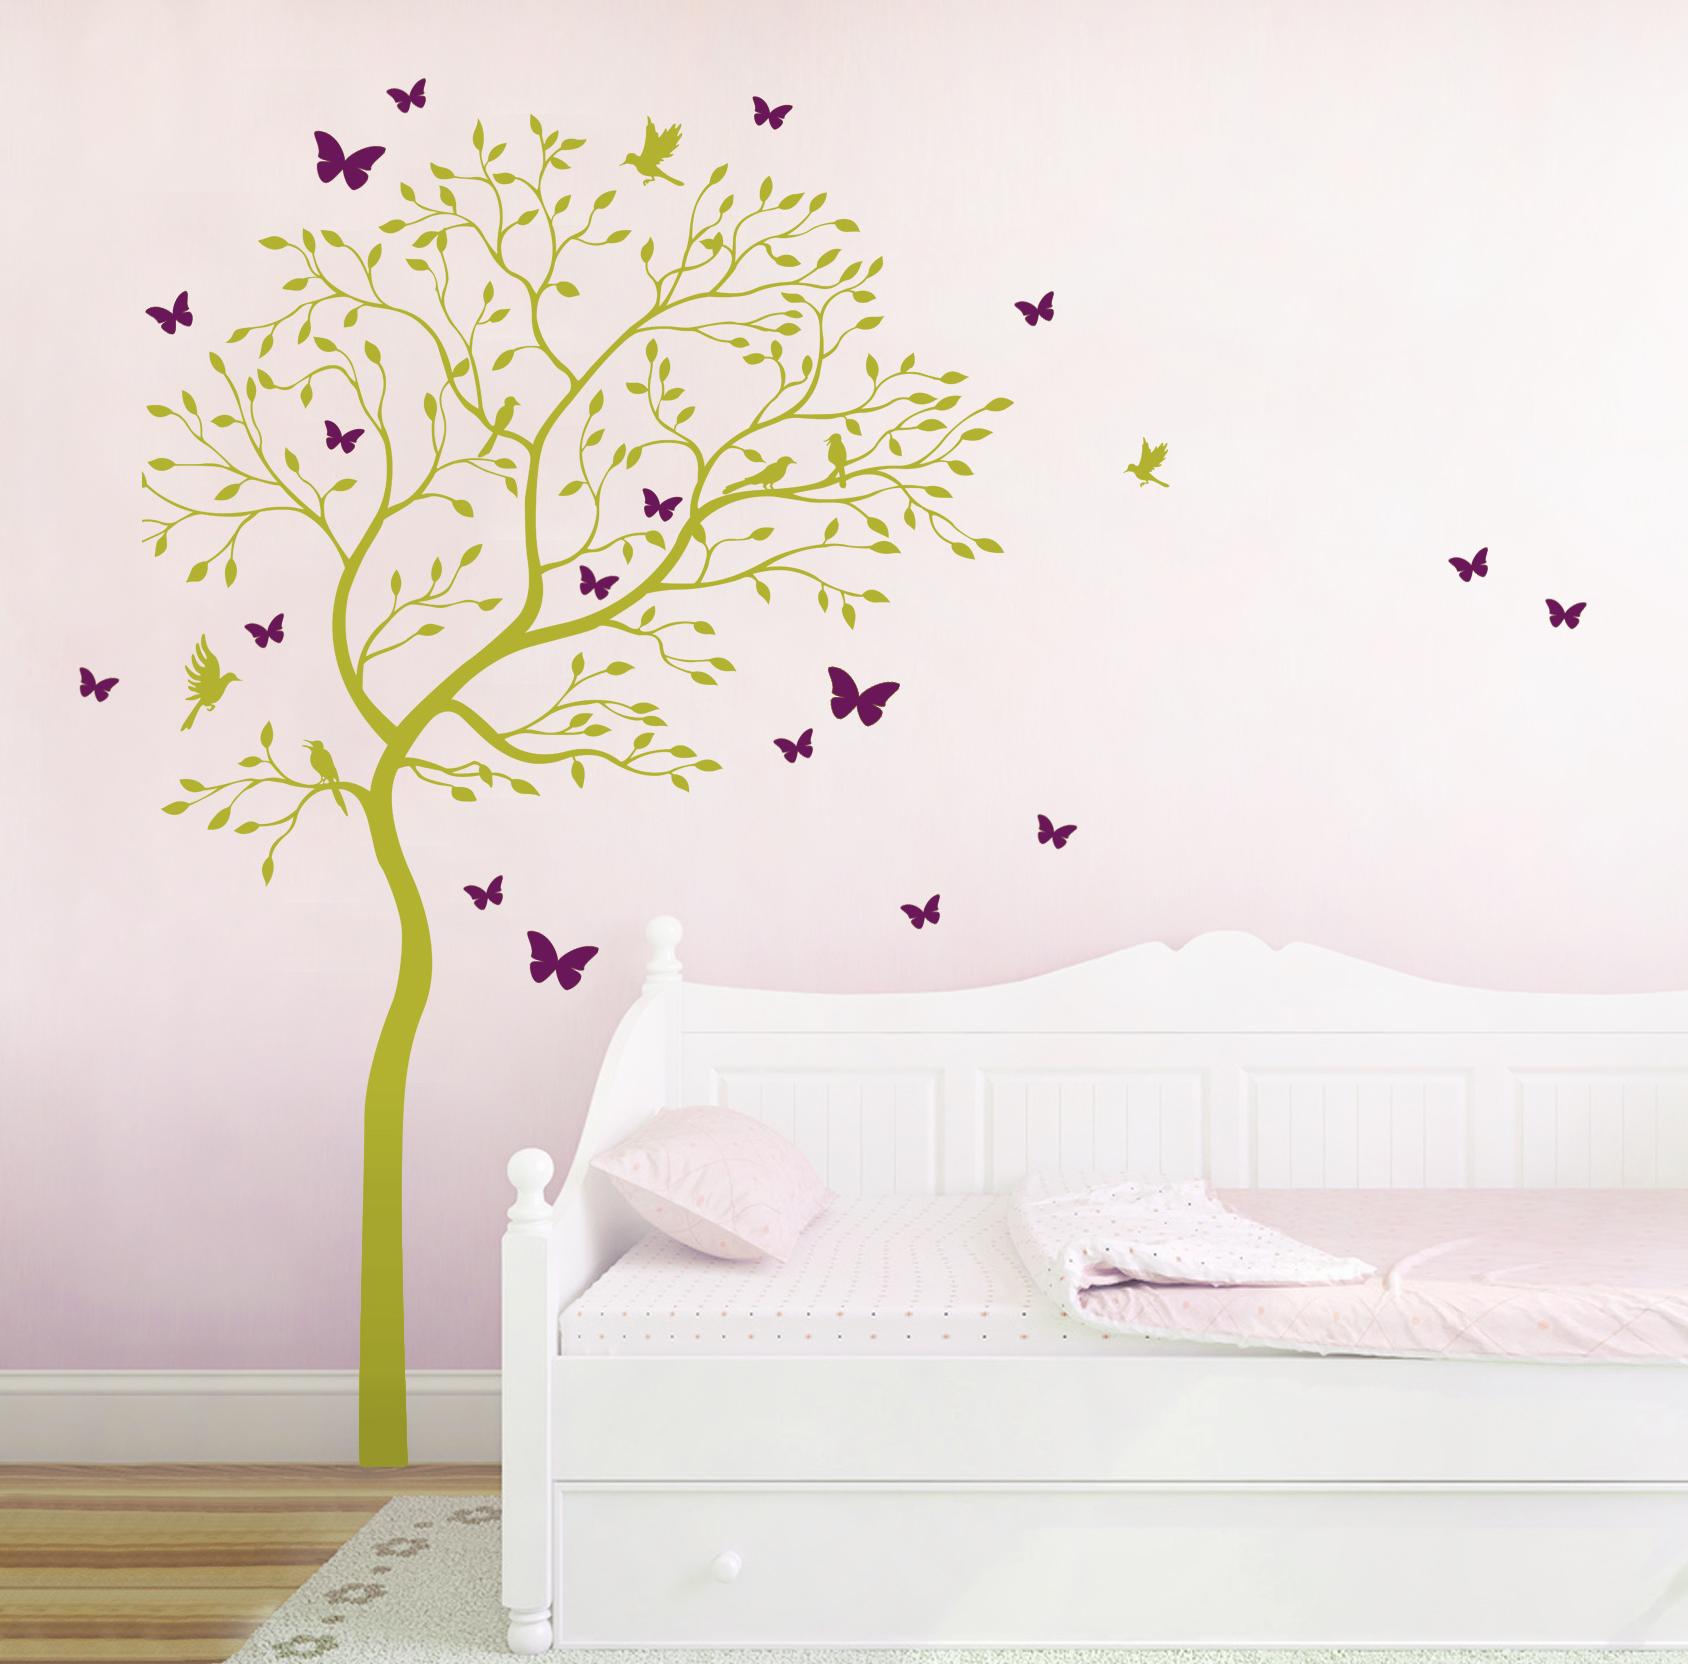 Wandtattoo Kinderzimmer Mädchen Schmetterlinge   Luxus Wandtattoo ...